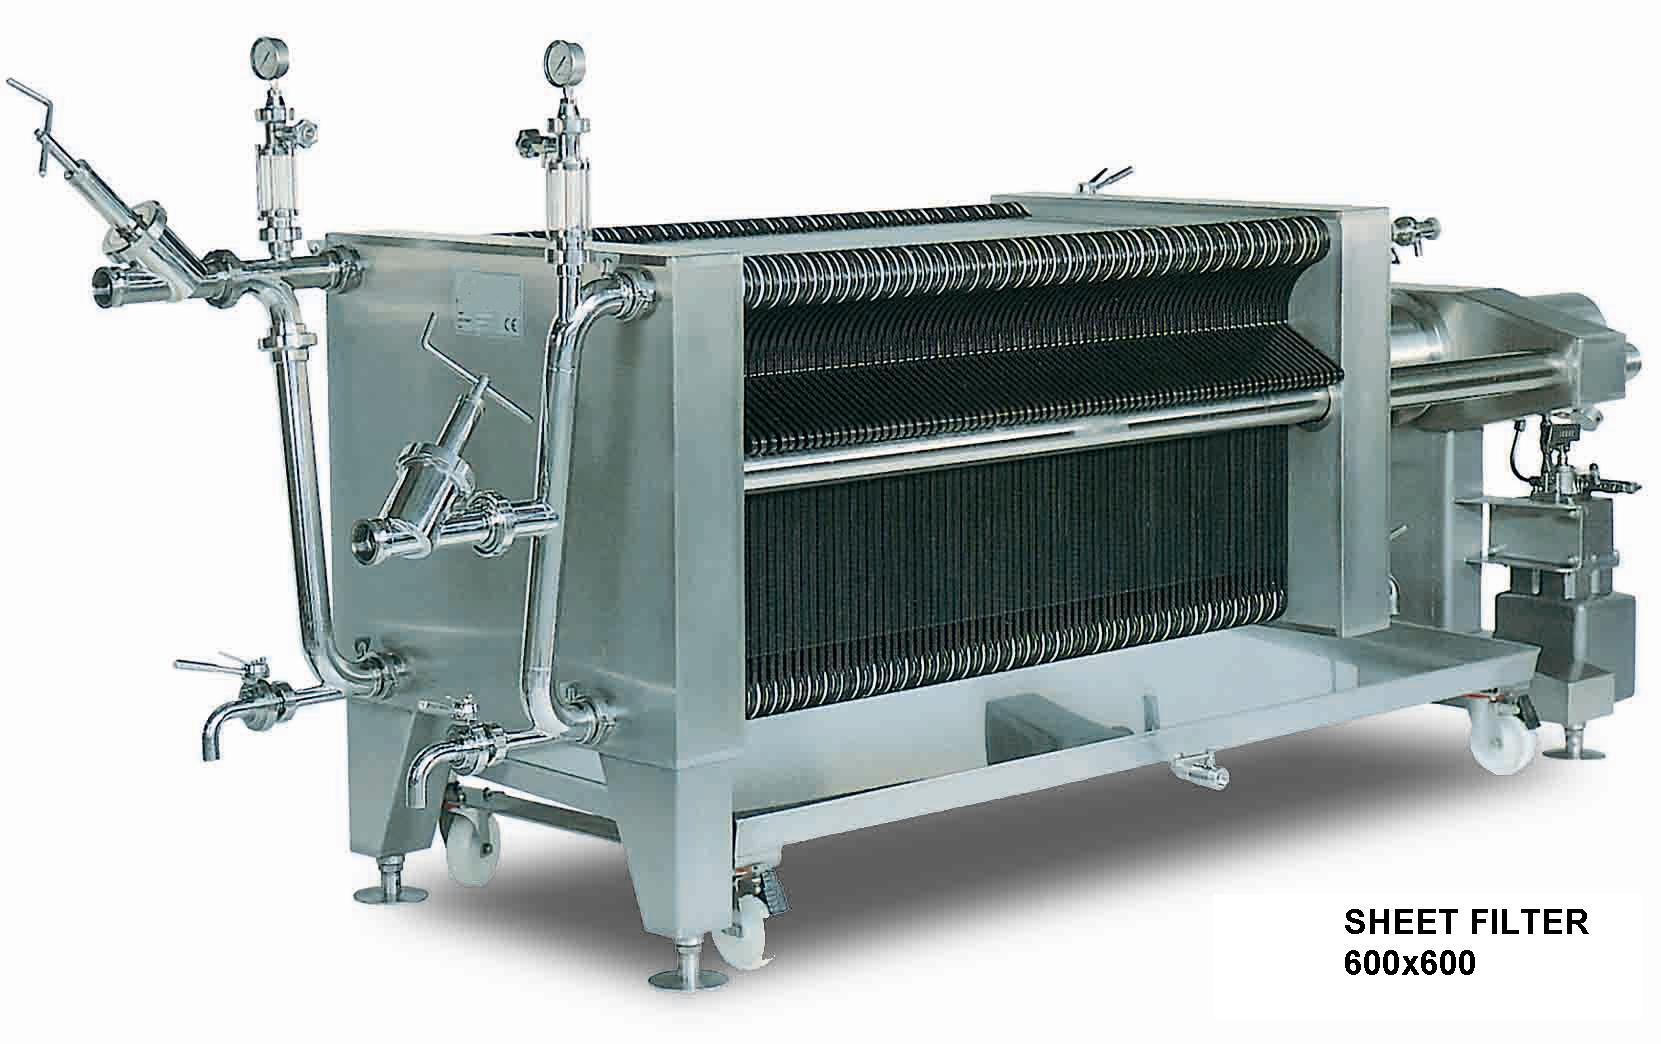 Пластинчатый фильтр 600х600 -- 150 пластин